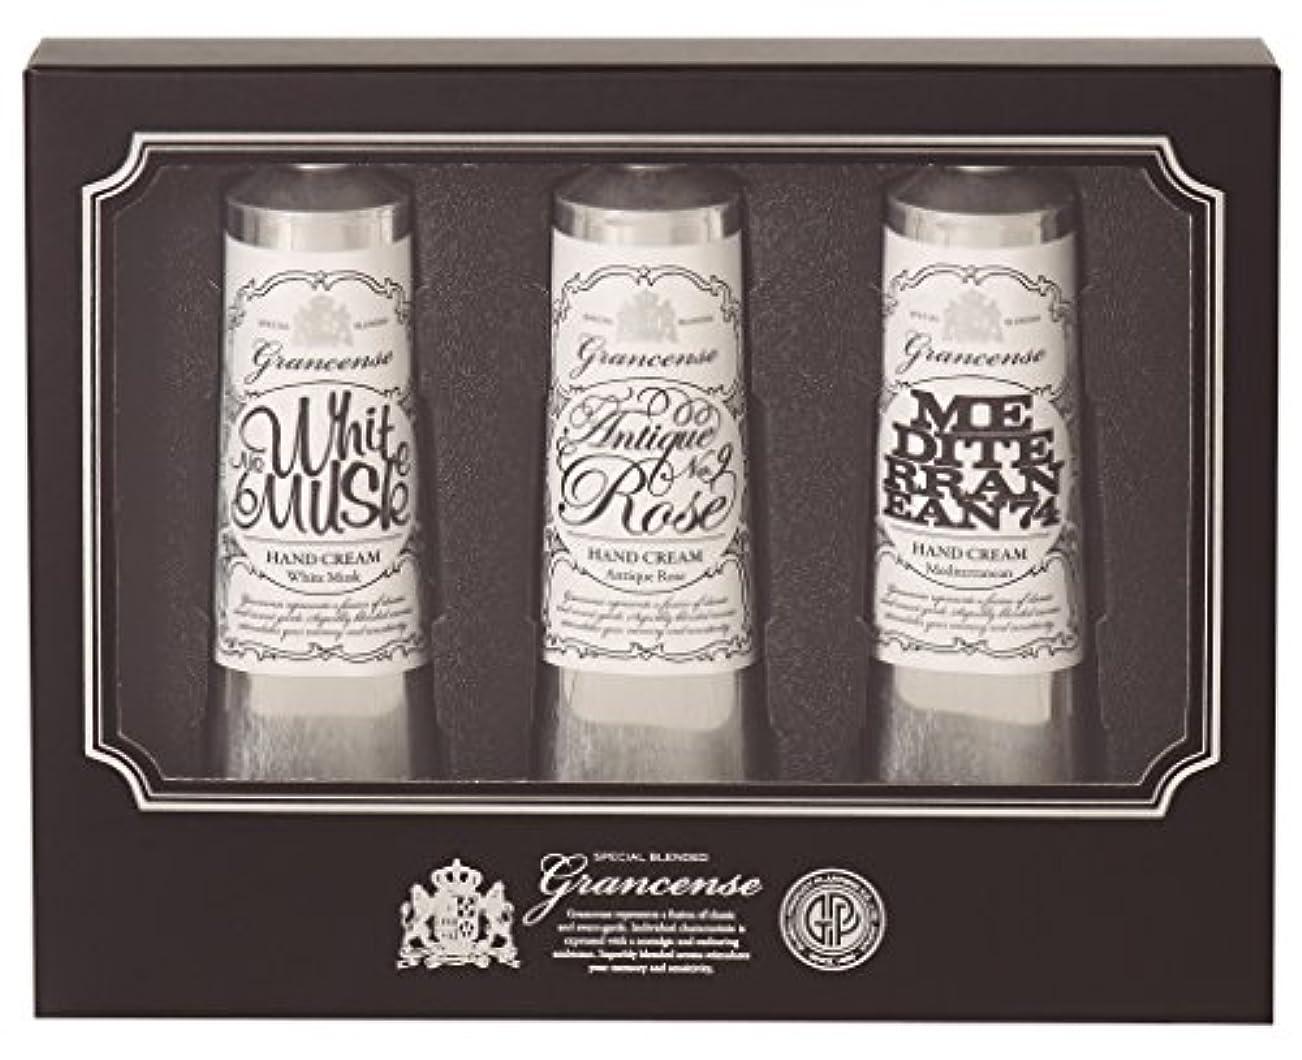 隠世代メロディアスグランセンス ハンドクリーム 40g×3個セット(手肌用保湿 シアバター配合 日本製 贈答品 箱入り ホワイトムスク&アンティークローズ&メディテレーニアン)